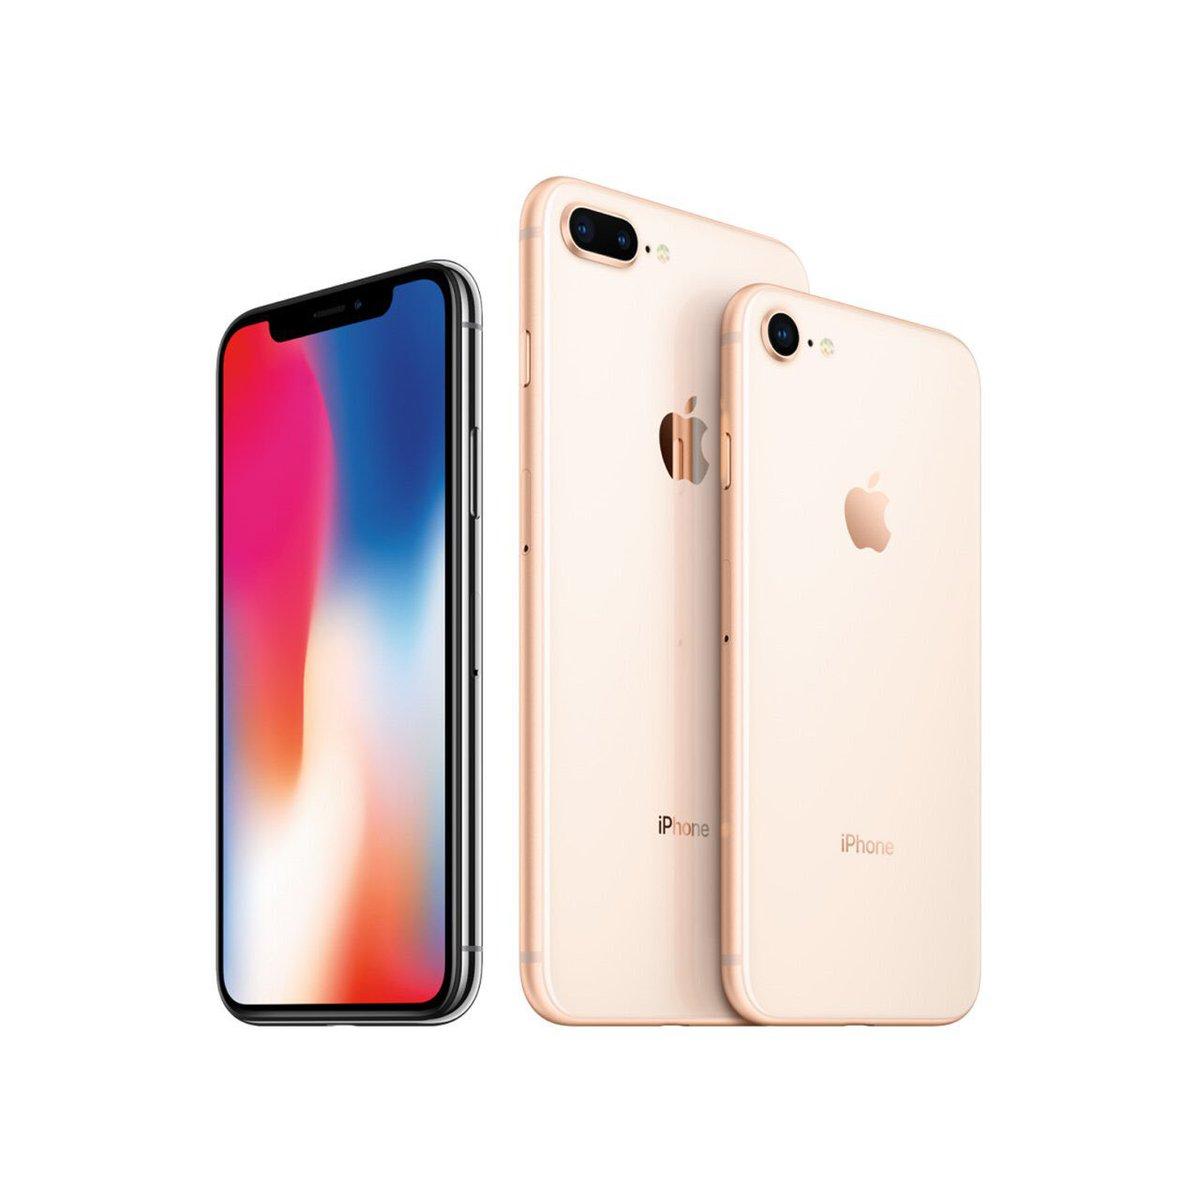 harga iphone 7 plus di ibox maret 2018